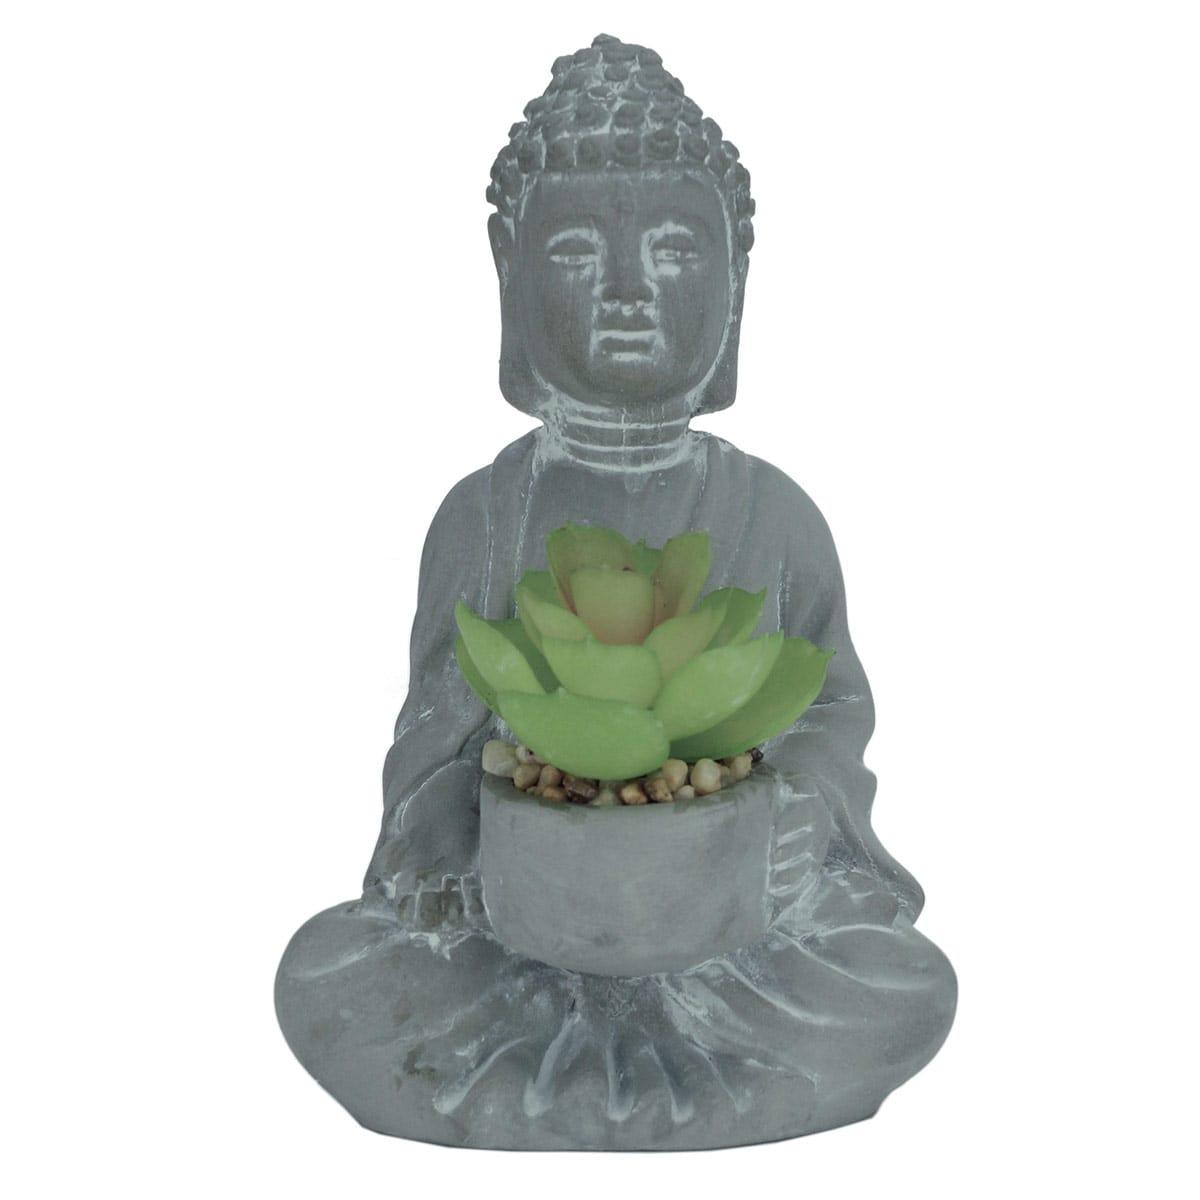 DECOR CONCRETO BUDDAH FLOWER CINZA COM PLANTA 10x9x16cm